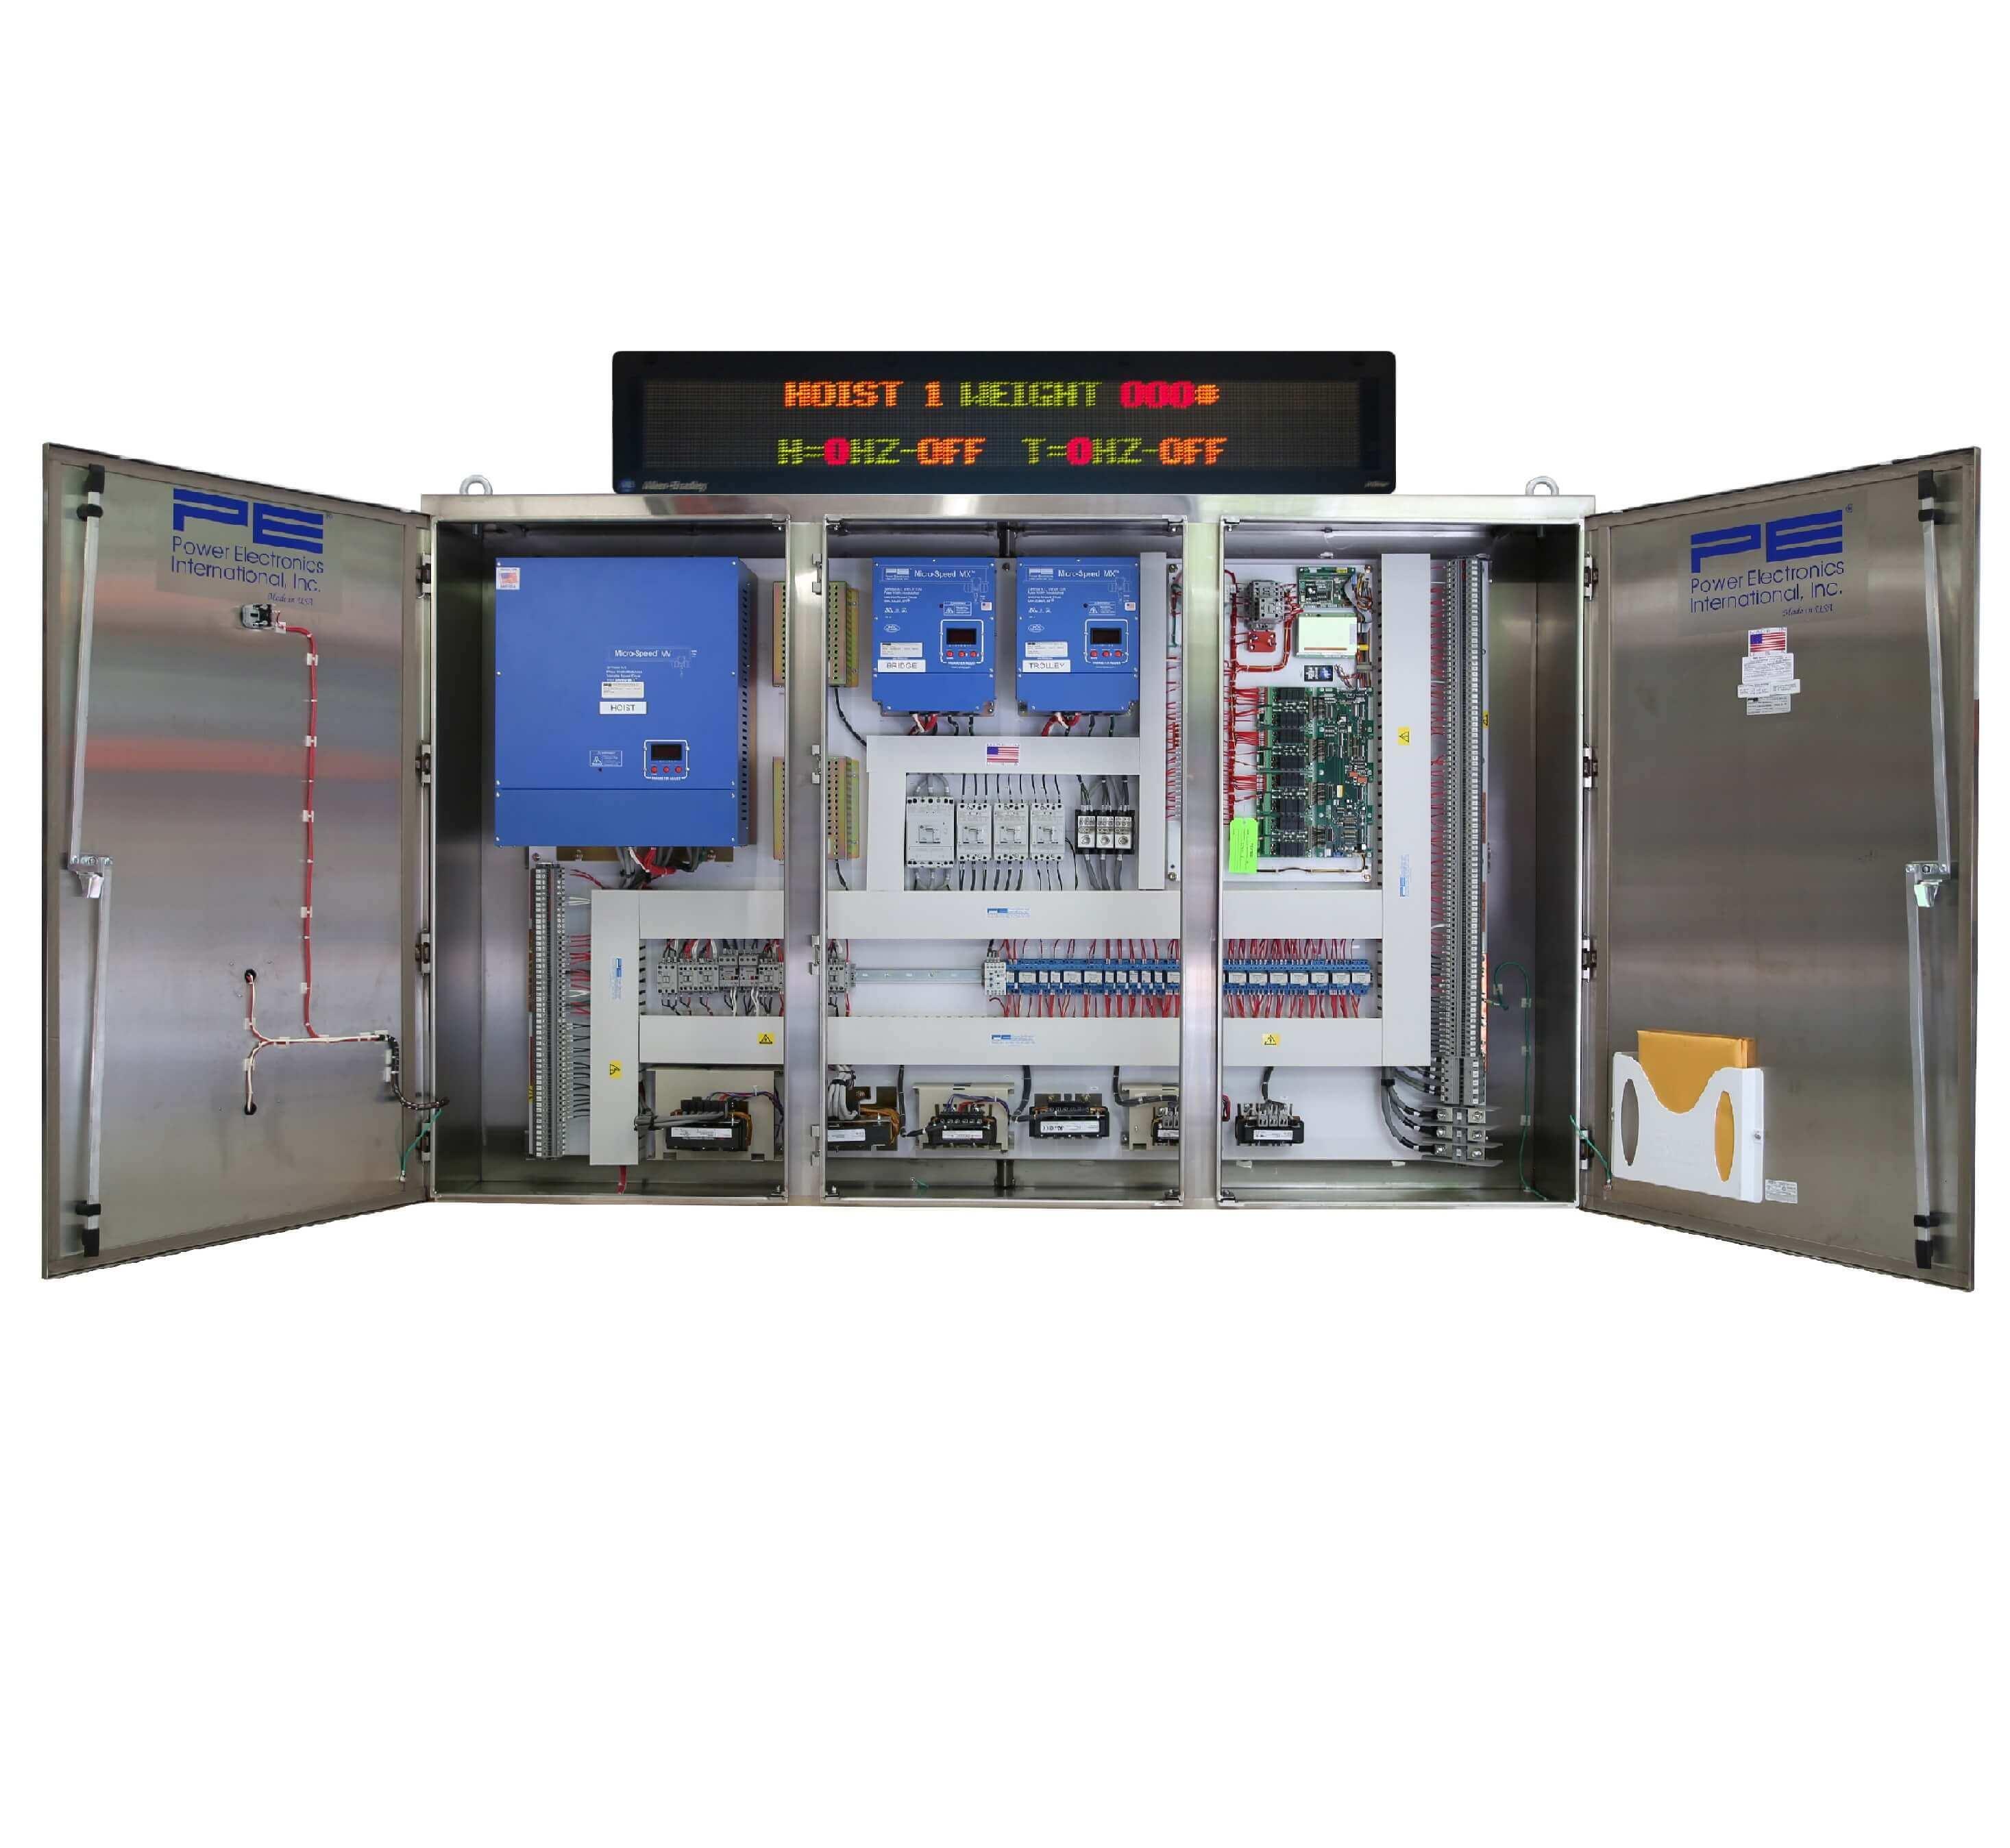 Multiple-Motion Control Panels (Power Elec.)